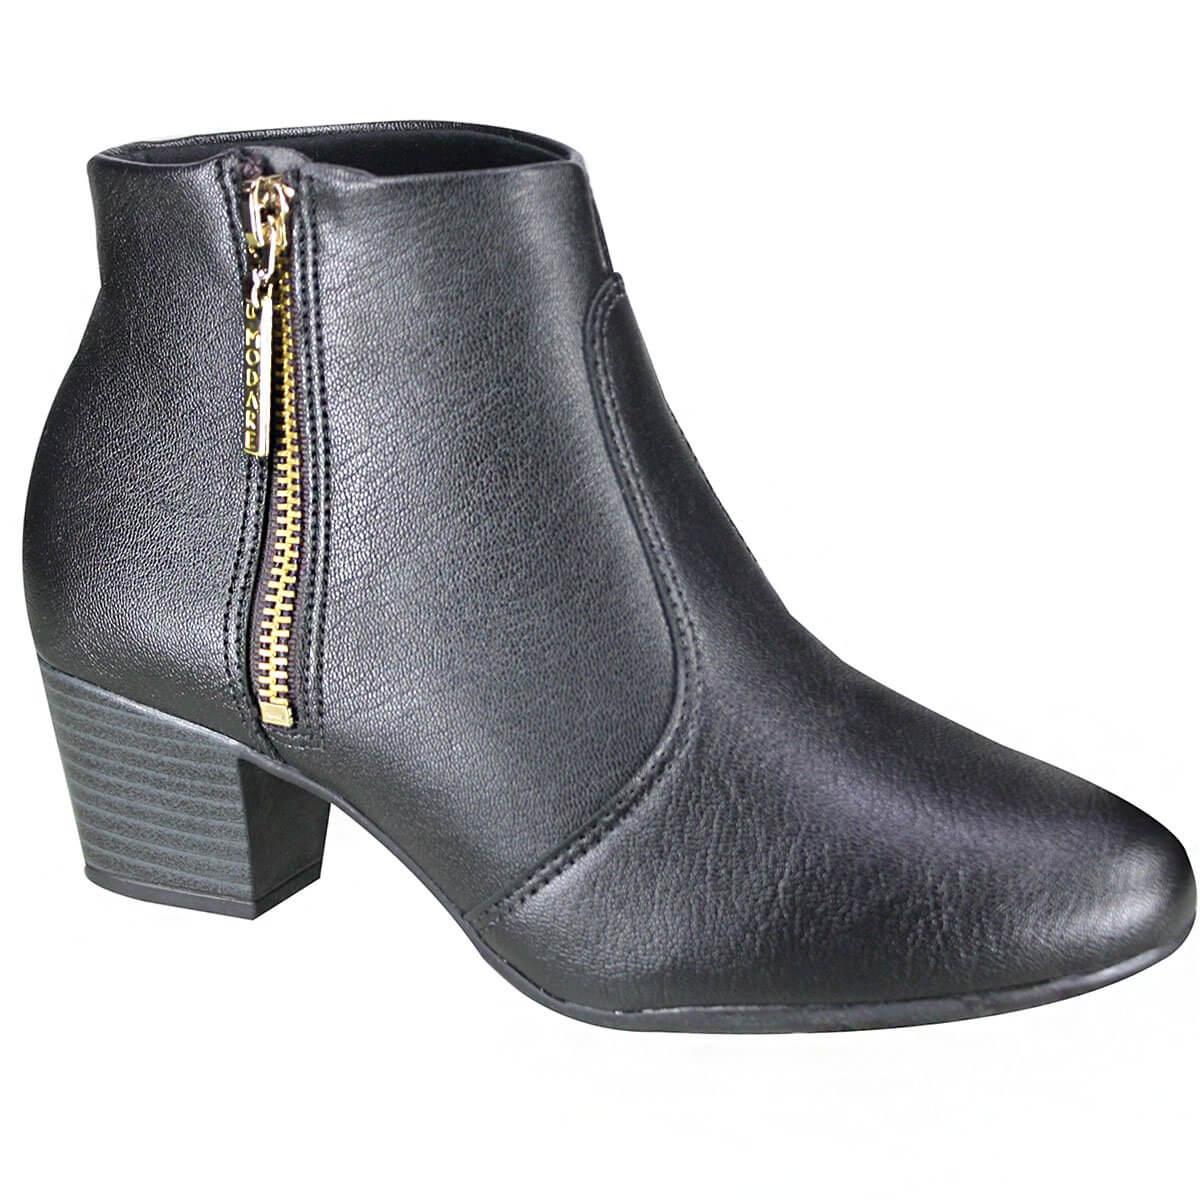 3ddaf24b0b Bota Feminina Modare Ultraconforto Ankle Boot 7046.115 15423 15745 ...